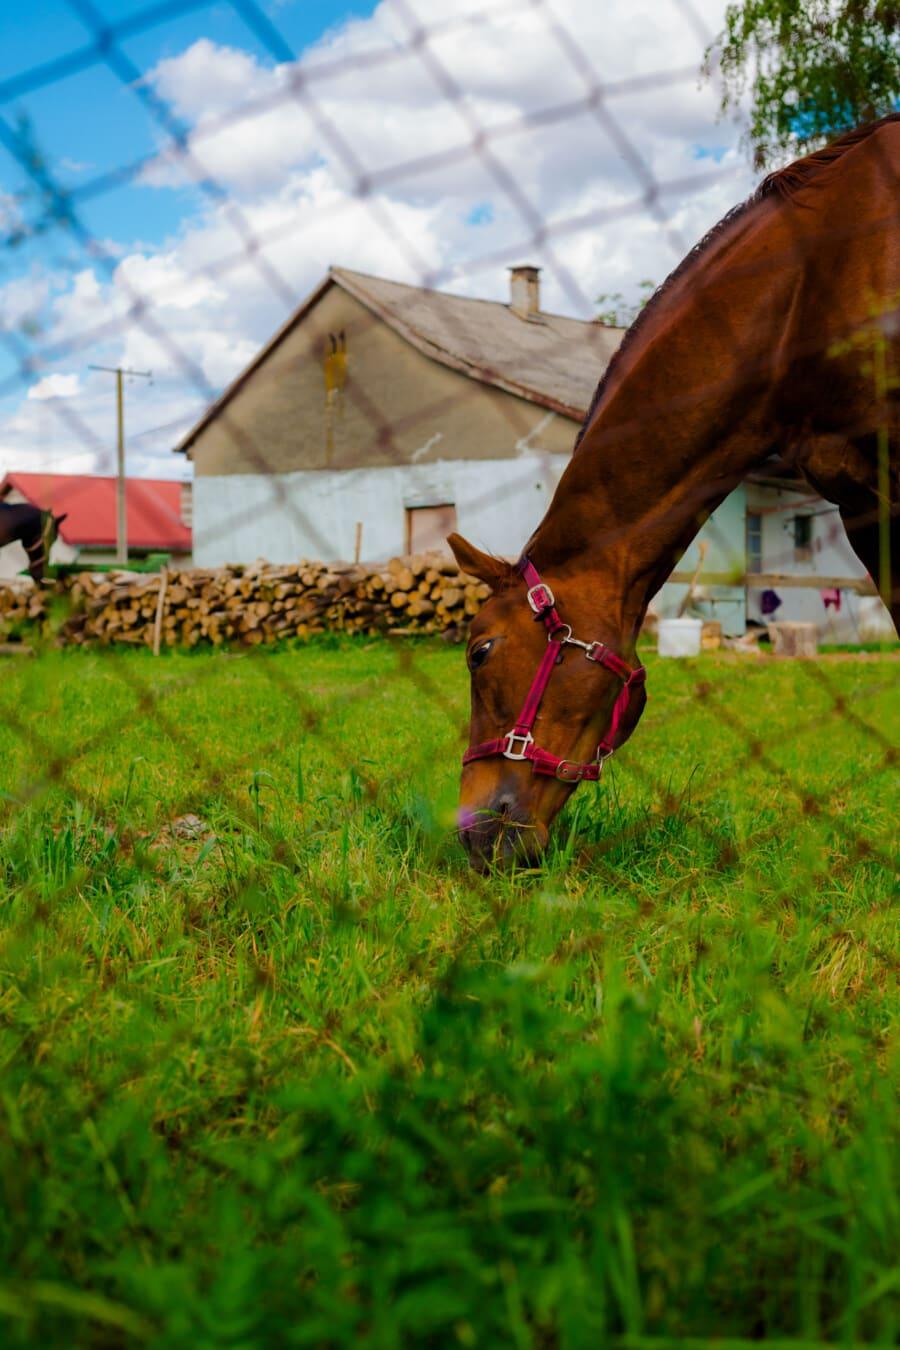 cheval, brun clair, tête, animal, pâturage, herbe, nature, cavalerie, été, à l'extérieur